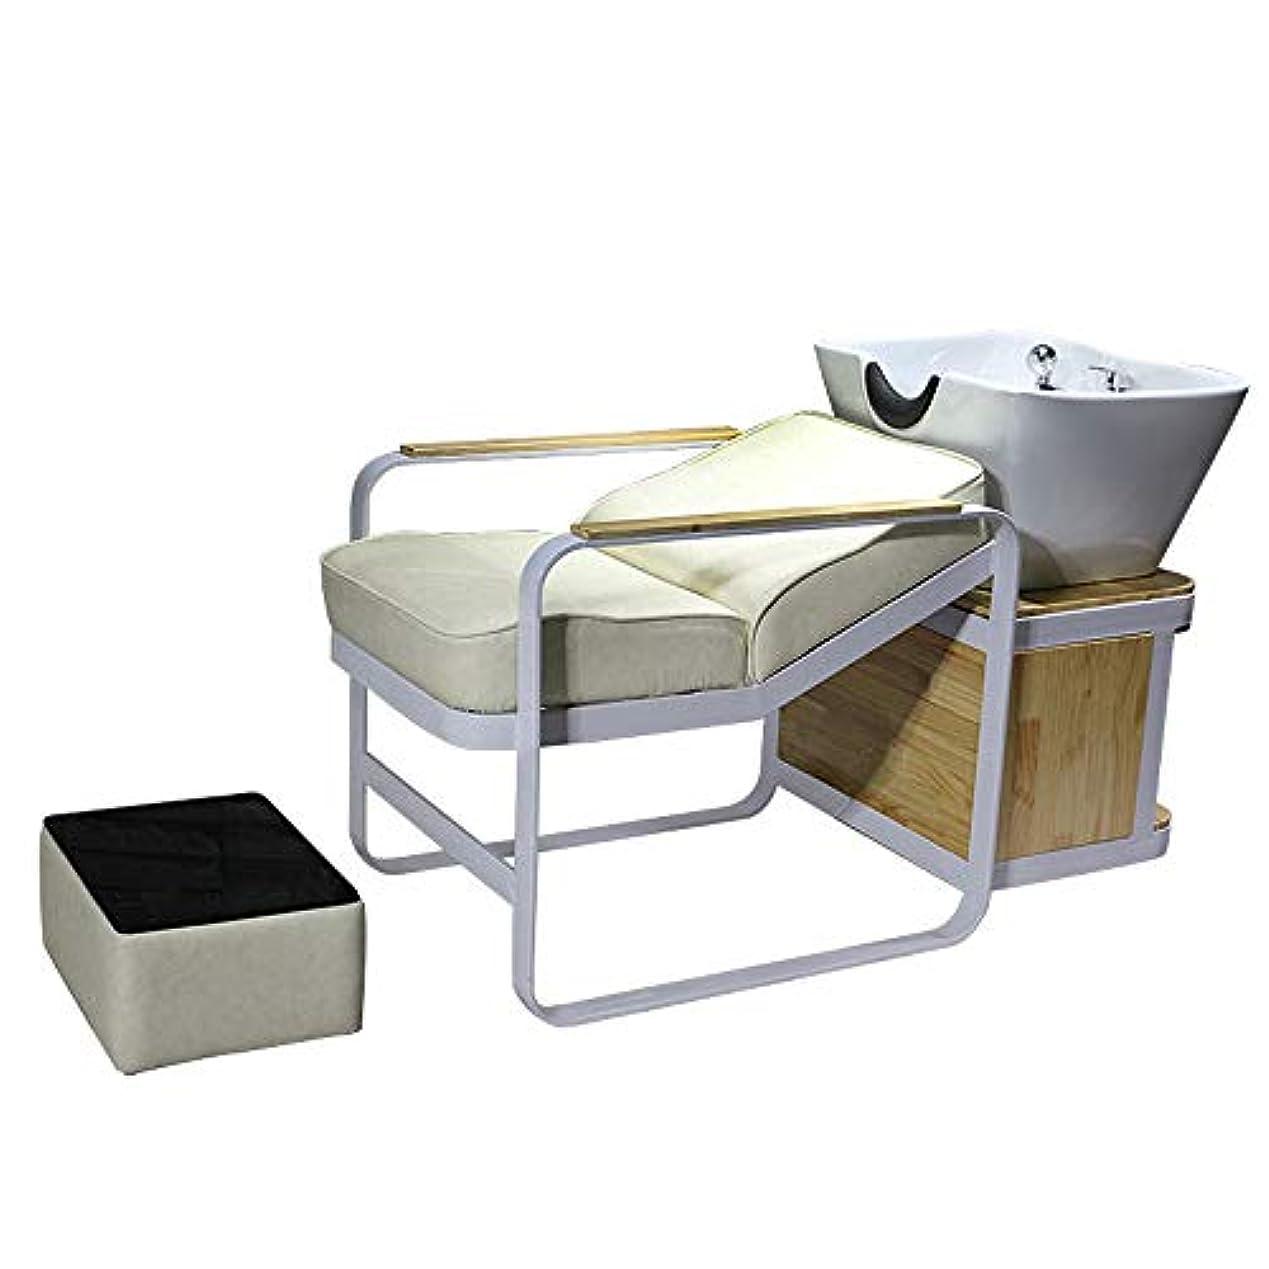 協力する素人顔料シャンプーチェア、逆洗ユニットシャンプーボウル理髪シンクシンクチェア用スパ美容院機器用半埋め込みフラッシュベッド